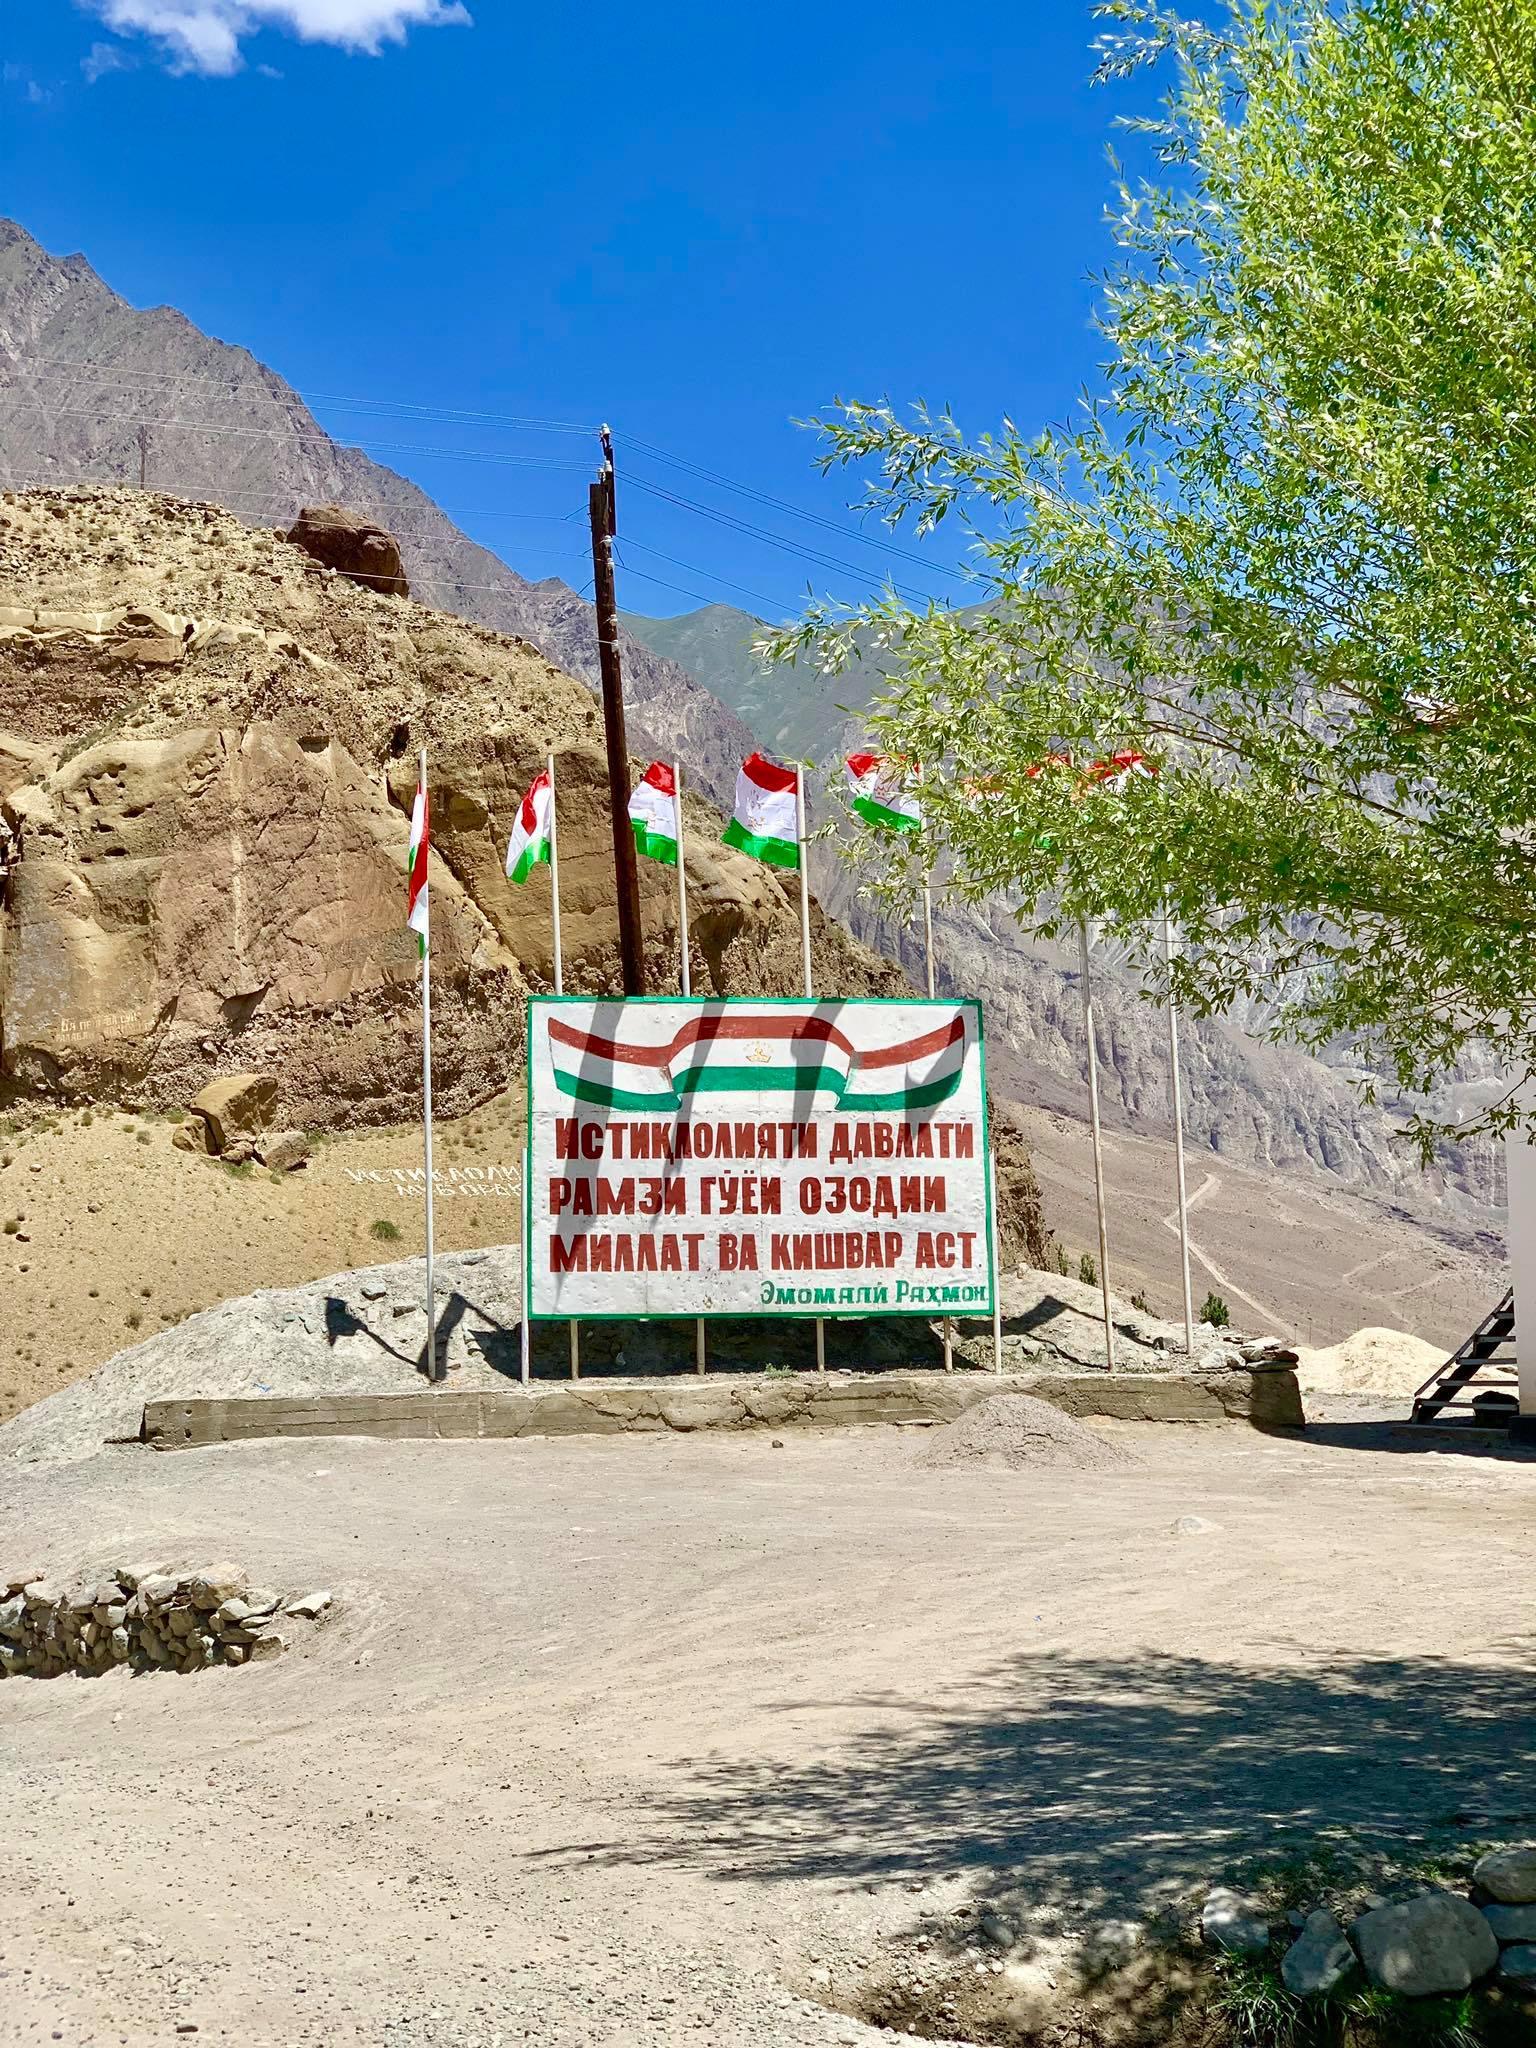 Kach Solo Travels in 2019 Pamir Highway Trip in Tajikistan4.jpg